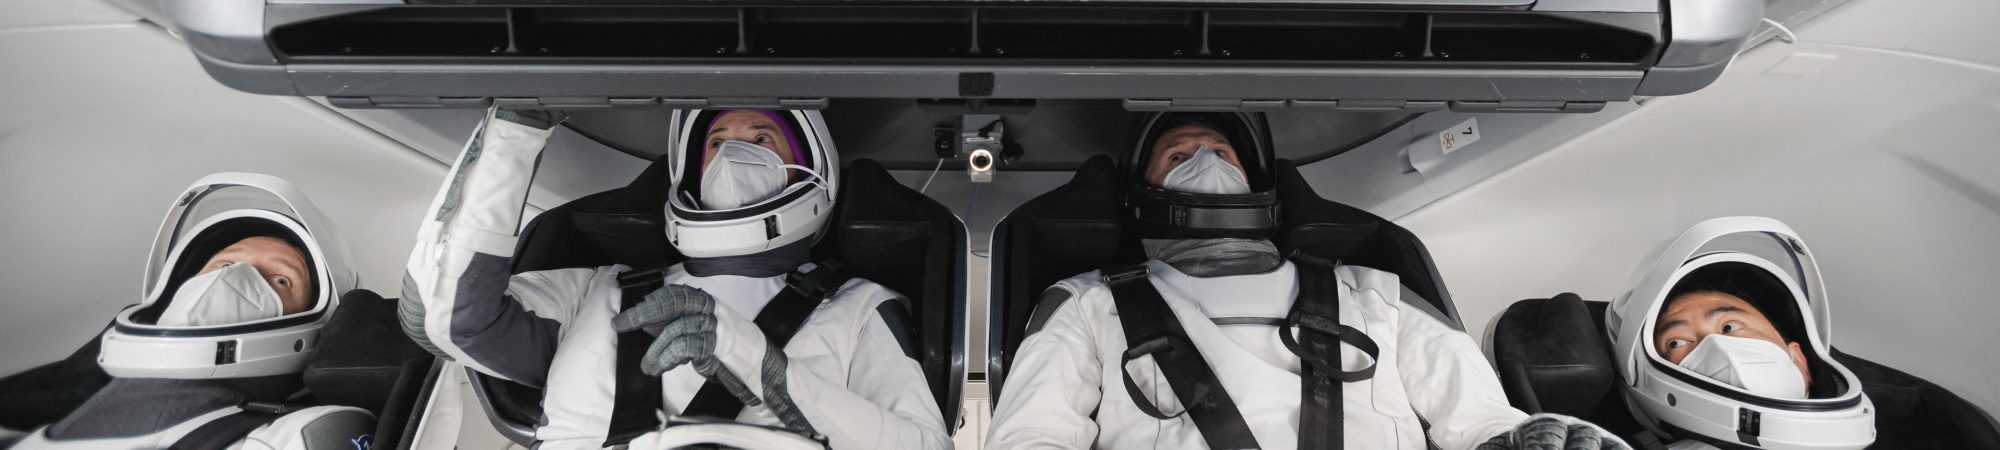 Astronautas da Crew-2, usando trajes espaciais, treinam a bordo de uma cápsula Crew Dragon